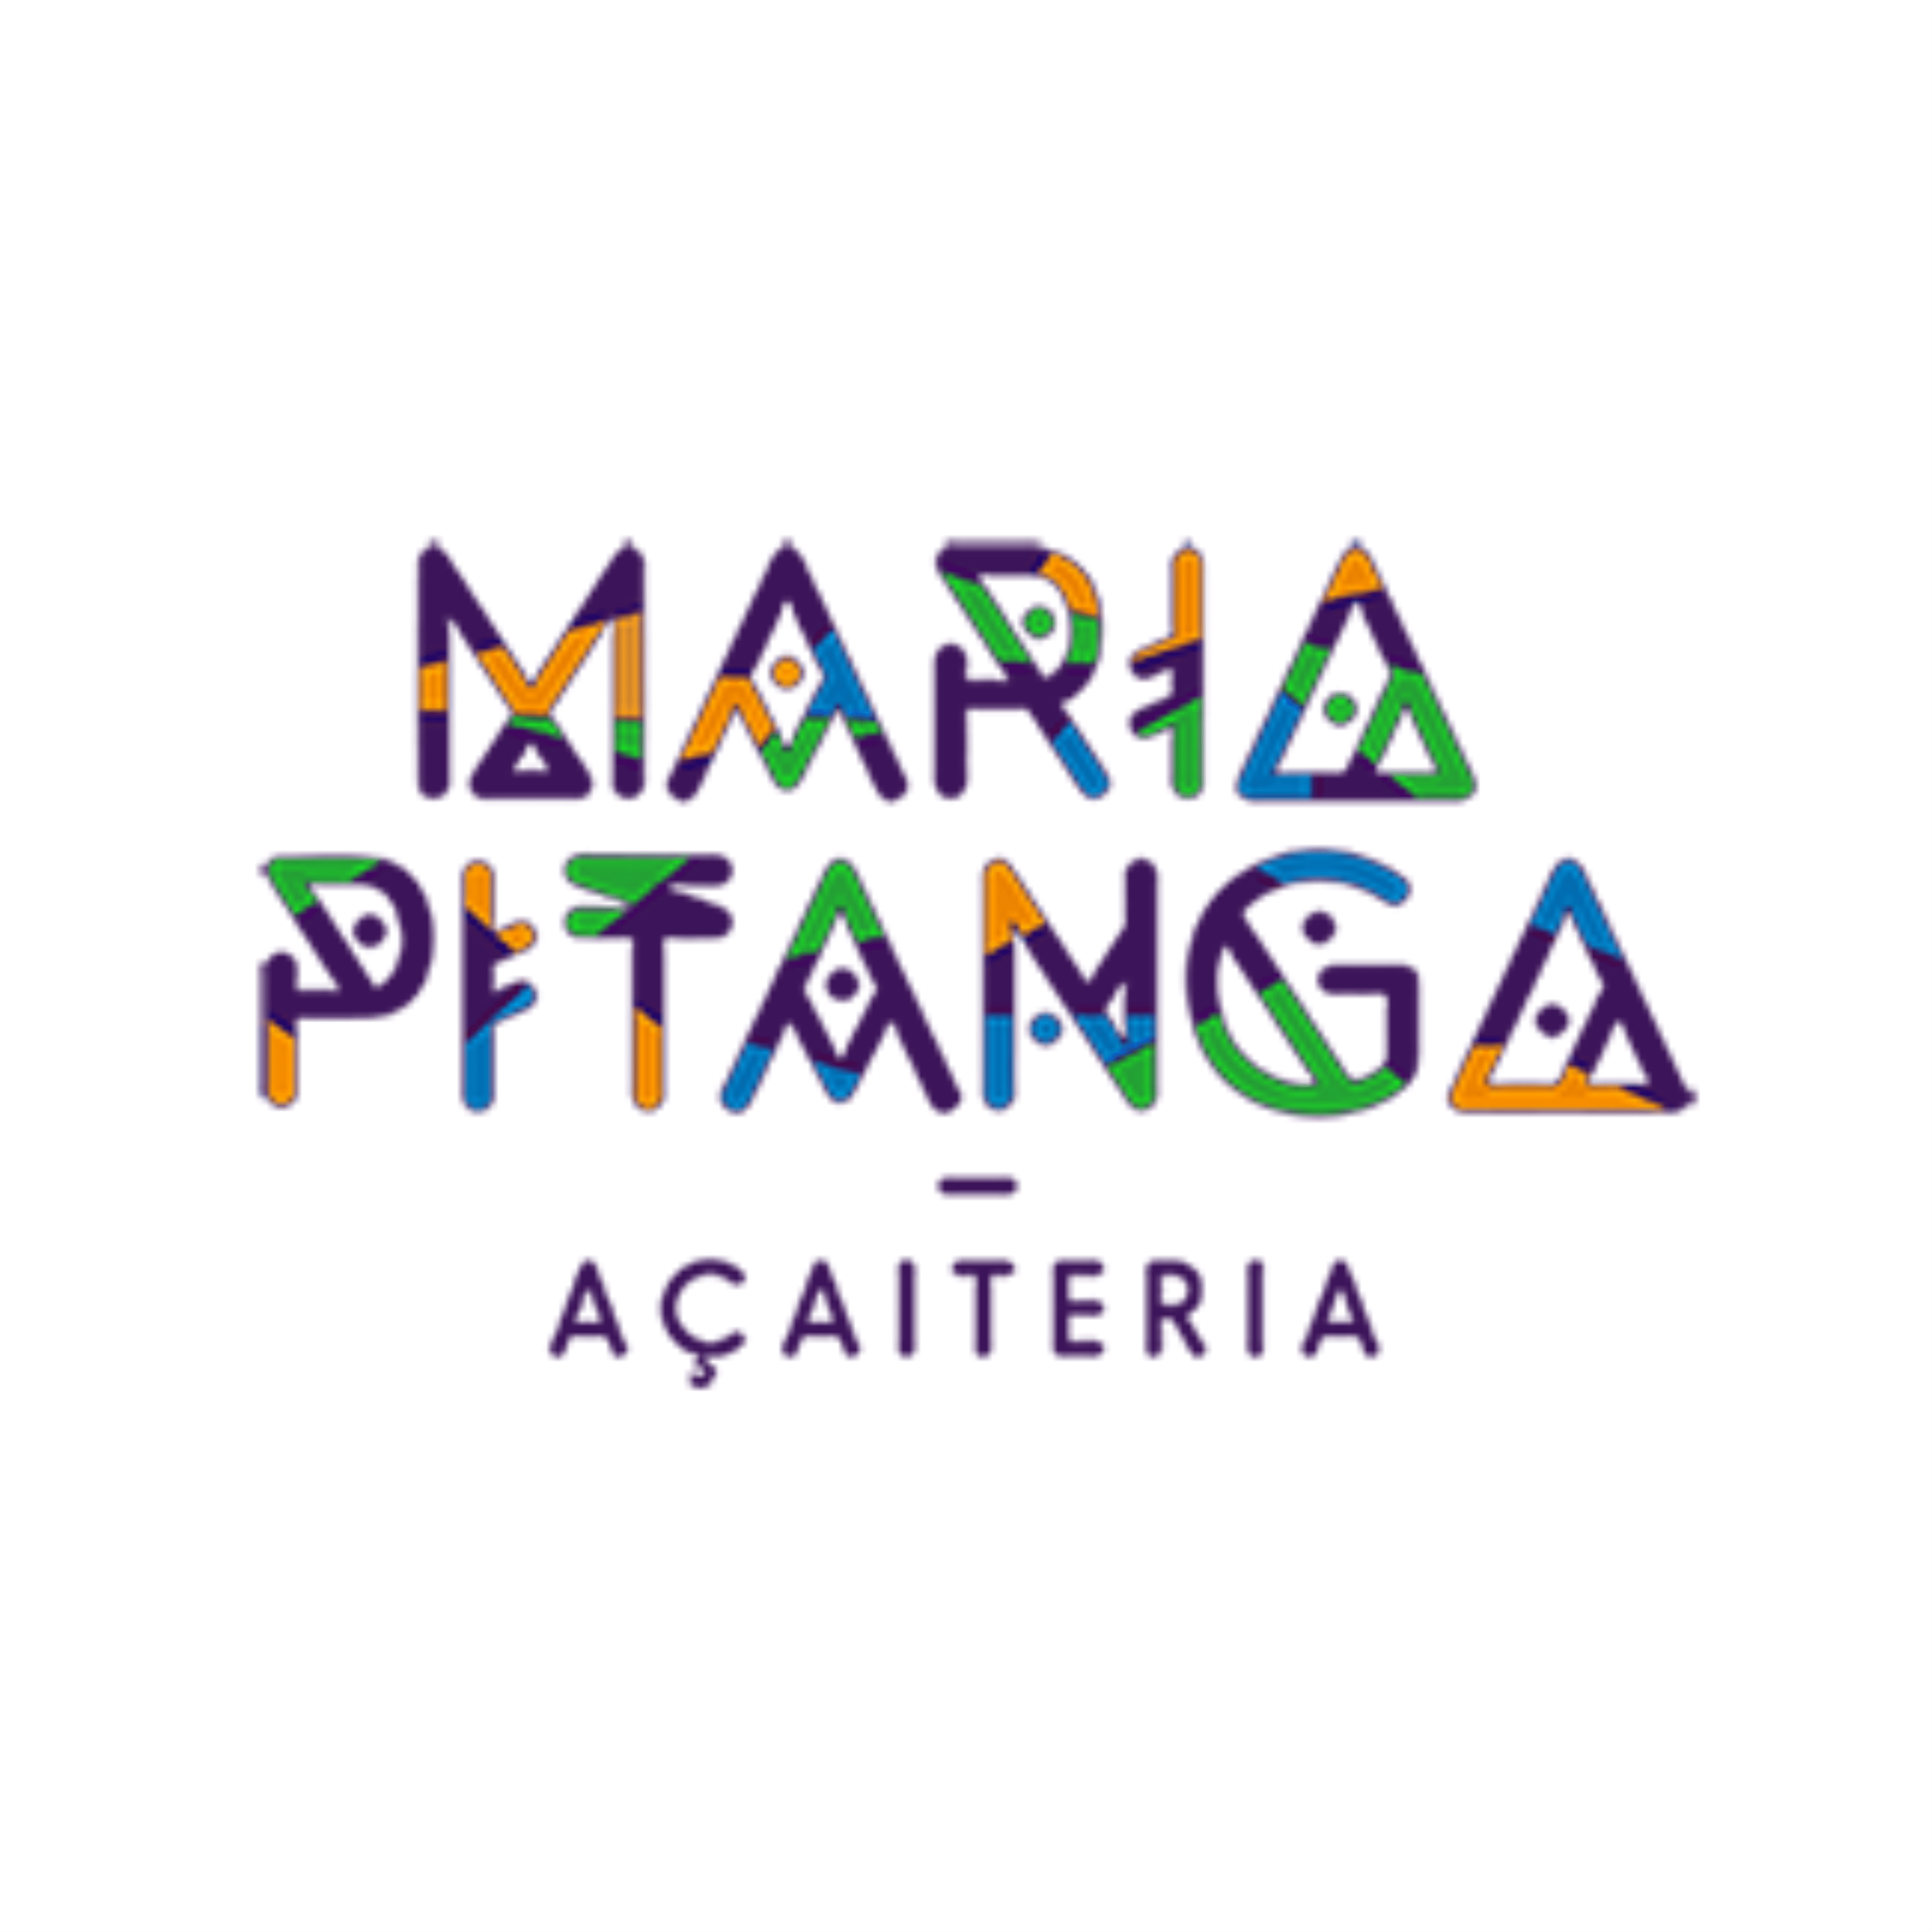 MARIA PITANGA